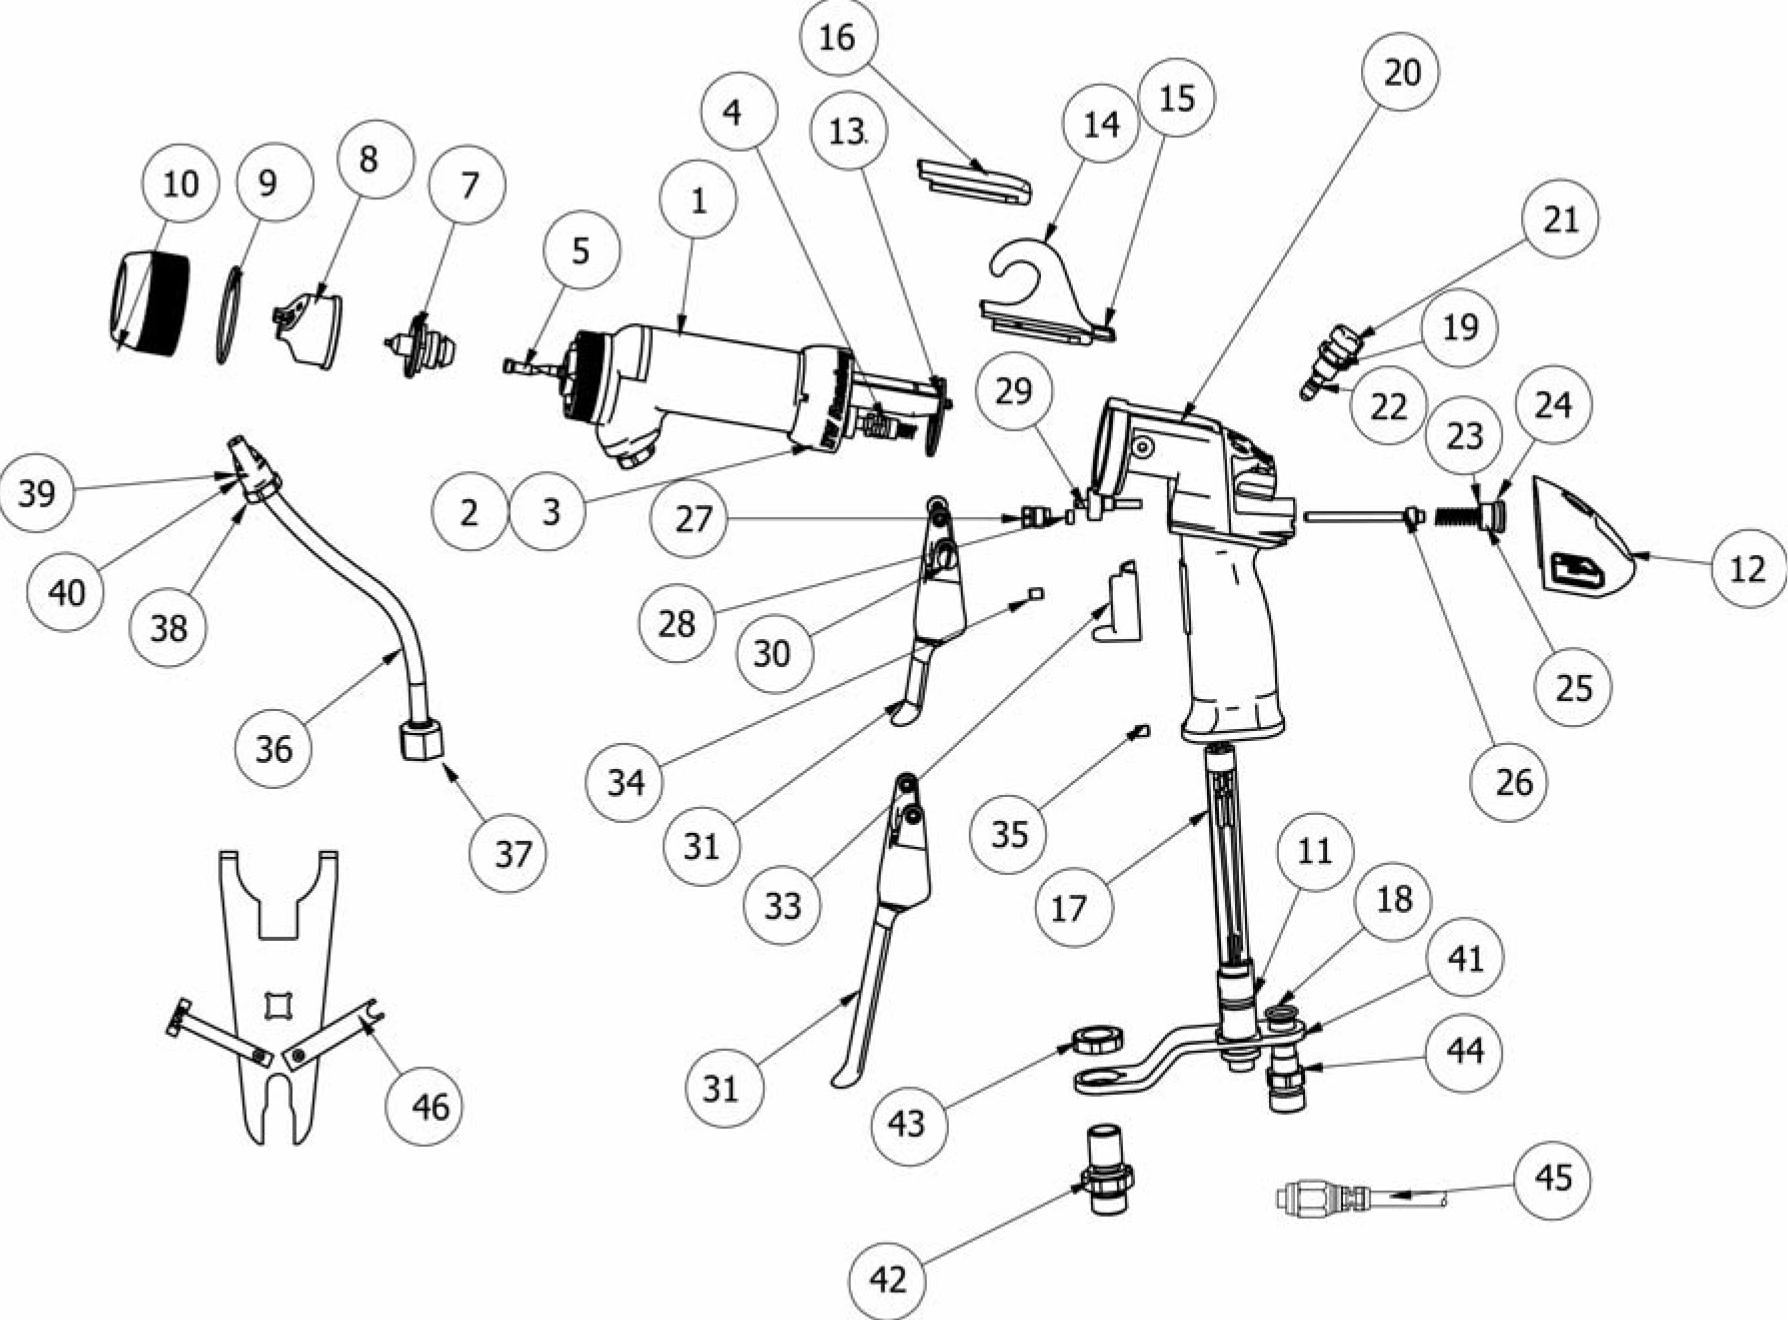 2001 suzuki marauder vz800 wiring diagram